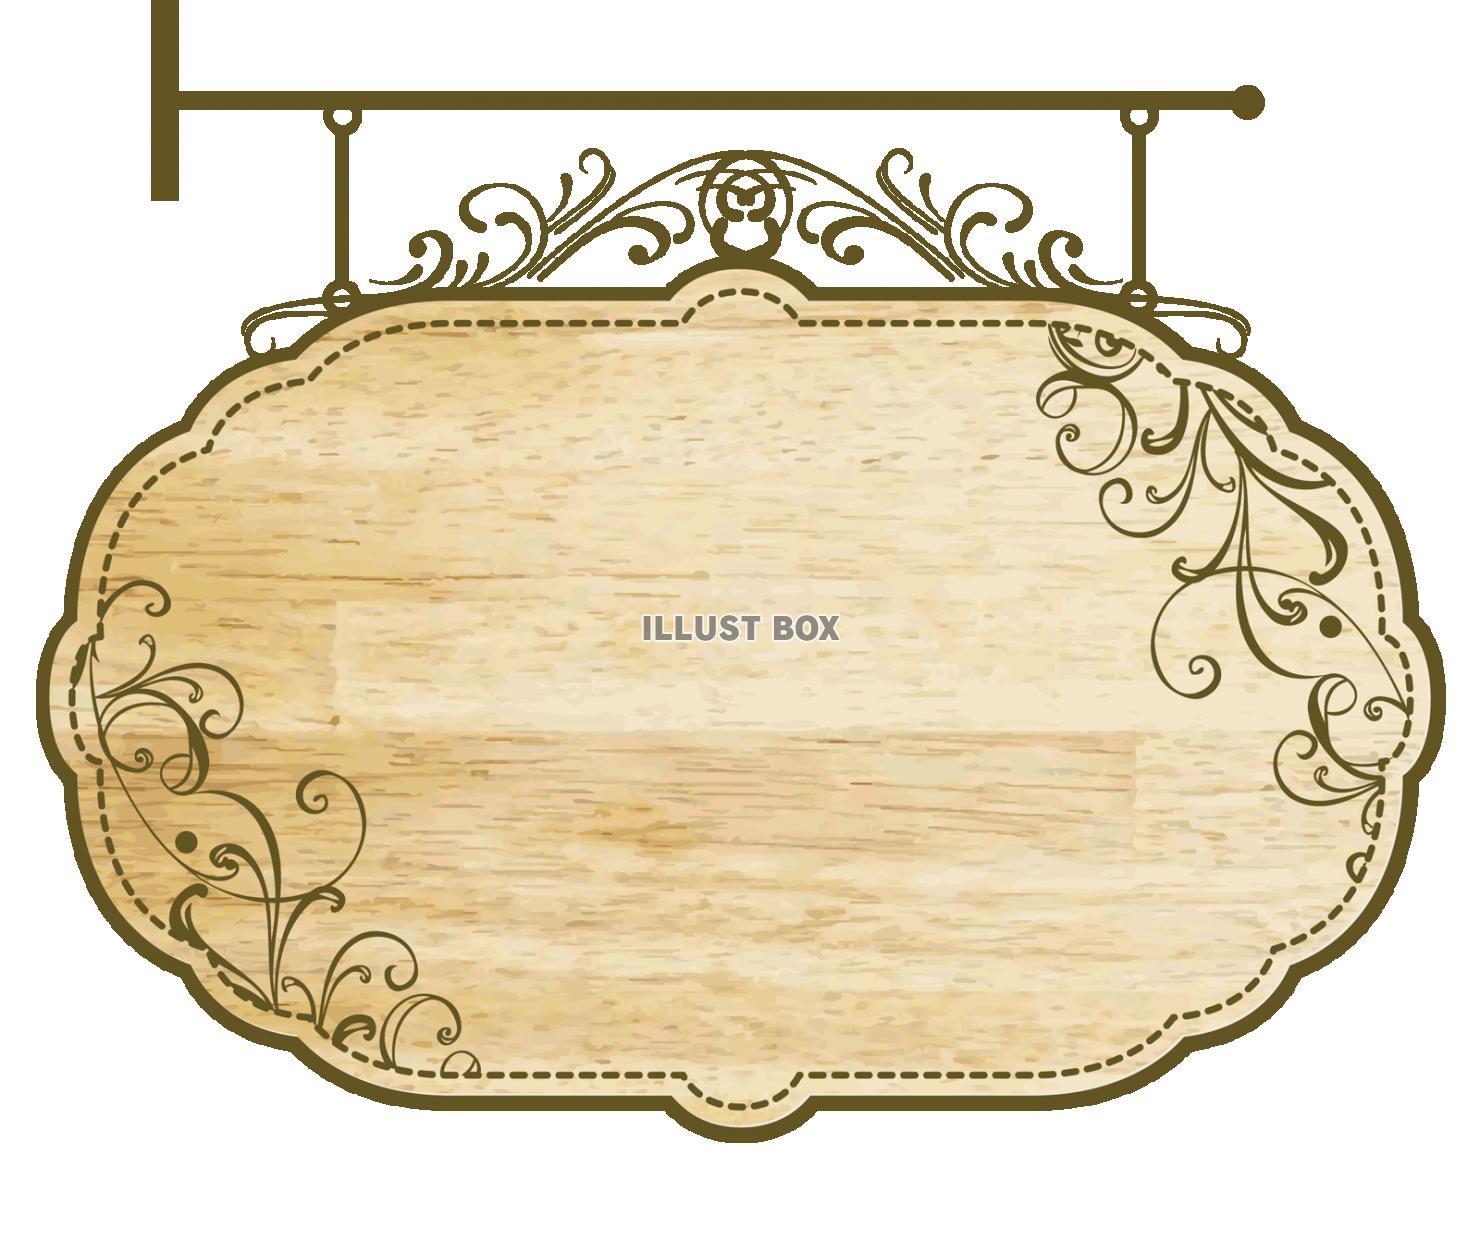 無料イラスト 看板フレームアンティークイラストシンプル背景ウェ